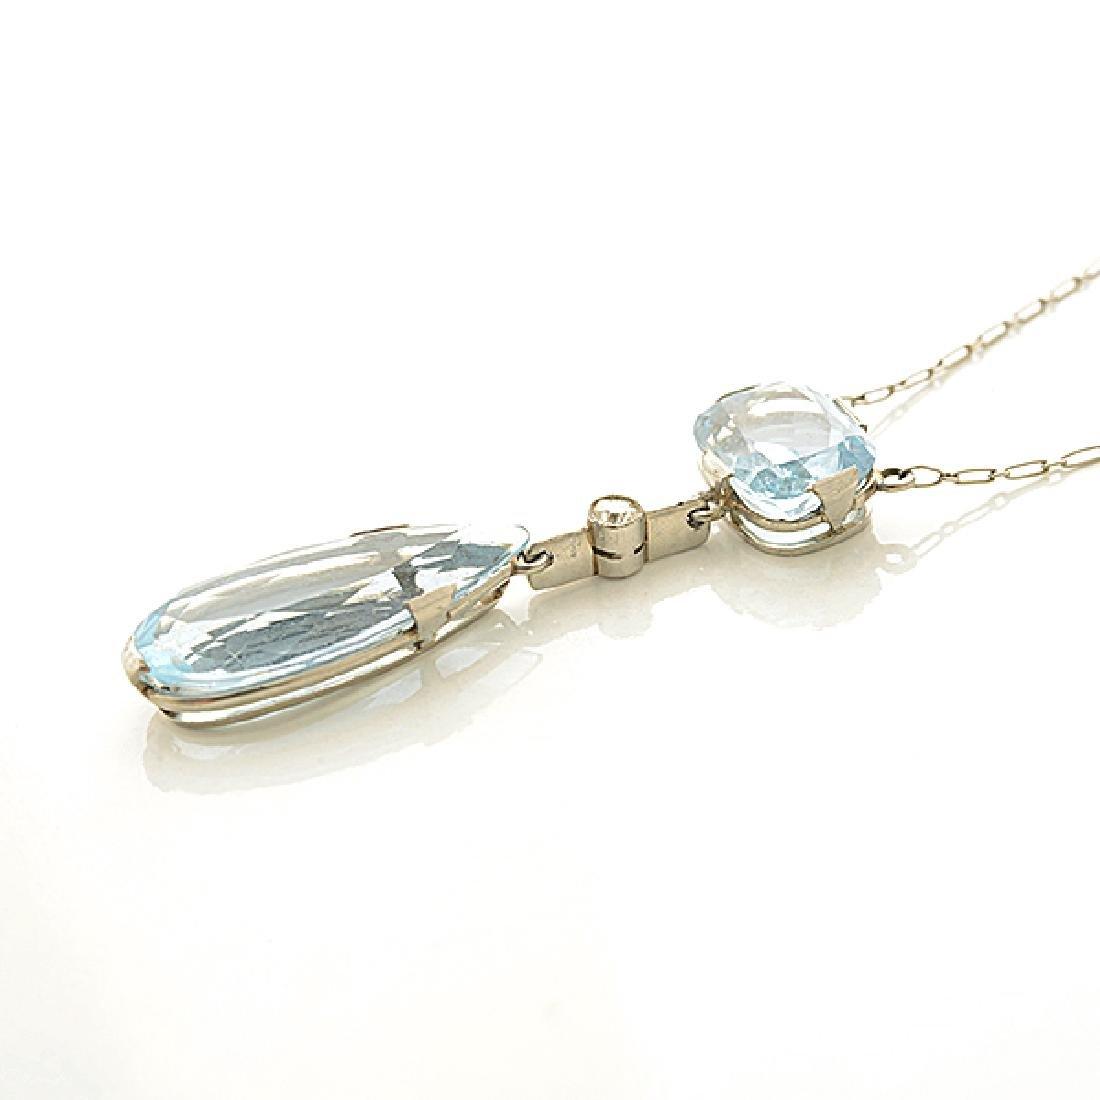 Aquamarine, Diamond, Platinum, Silver Necklace. - 2